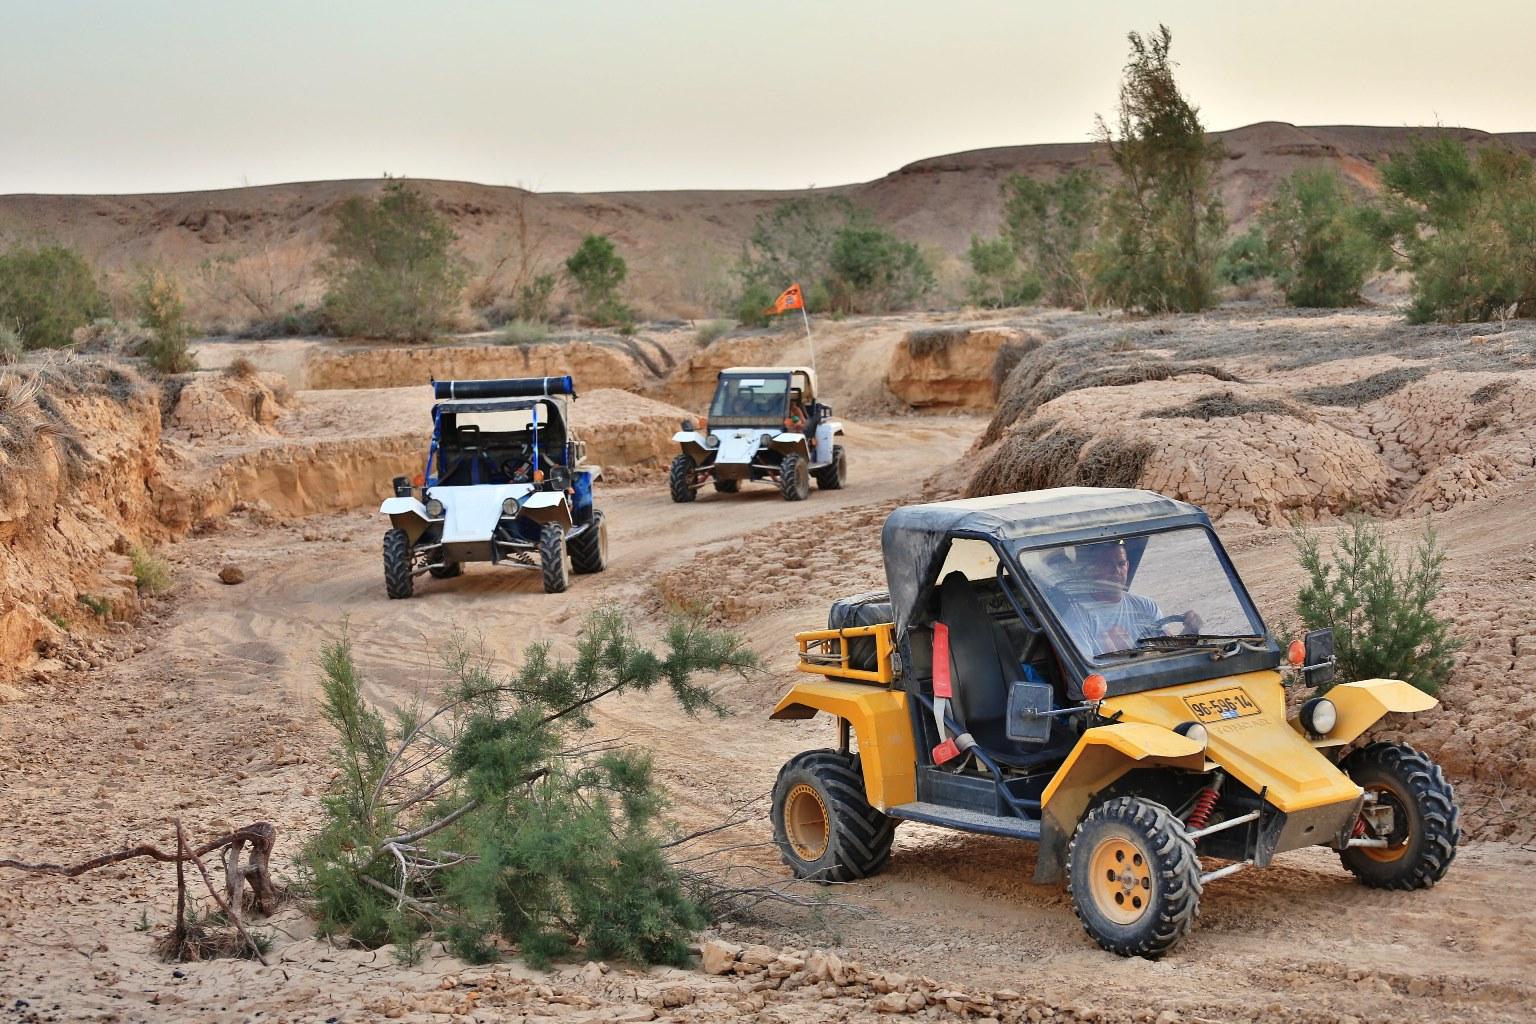 """מי בא לקפץ על סלעים במדבר? חוויה מוטורית בערבה (צילום: יח""""צ) (צילום: יח"""